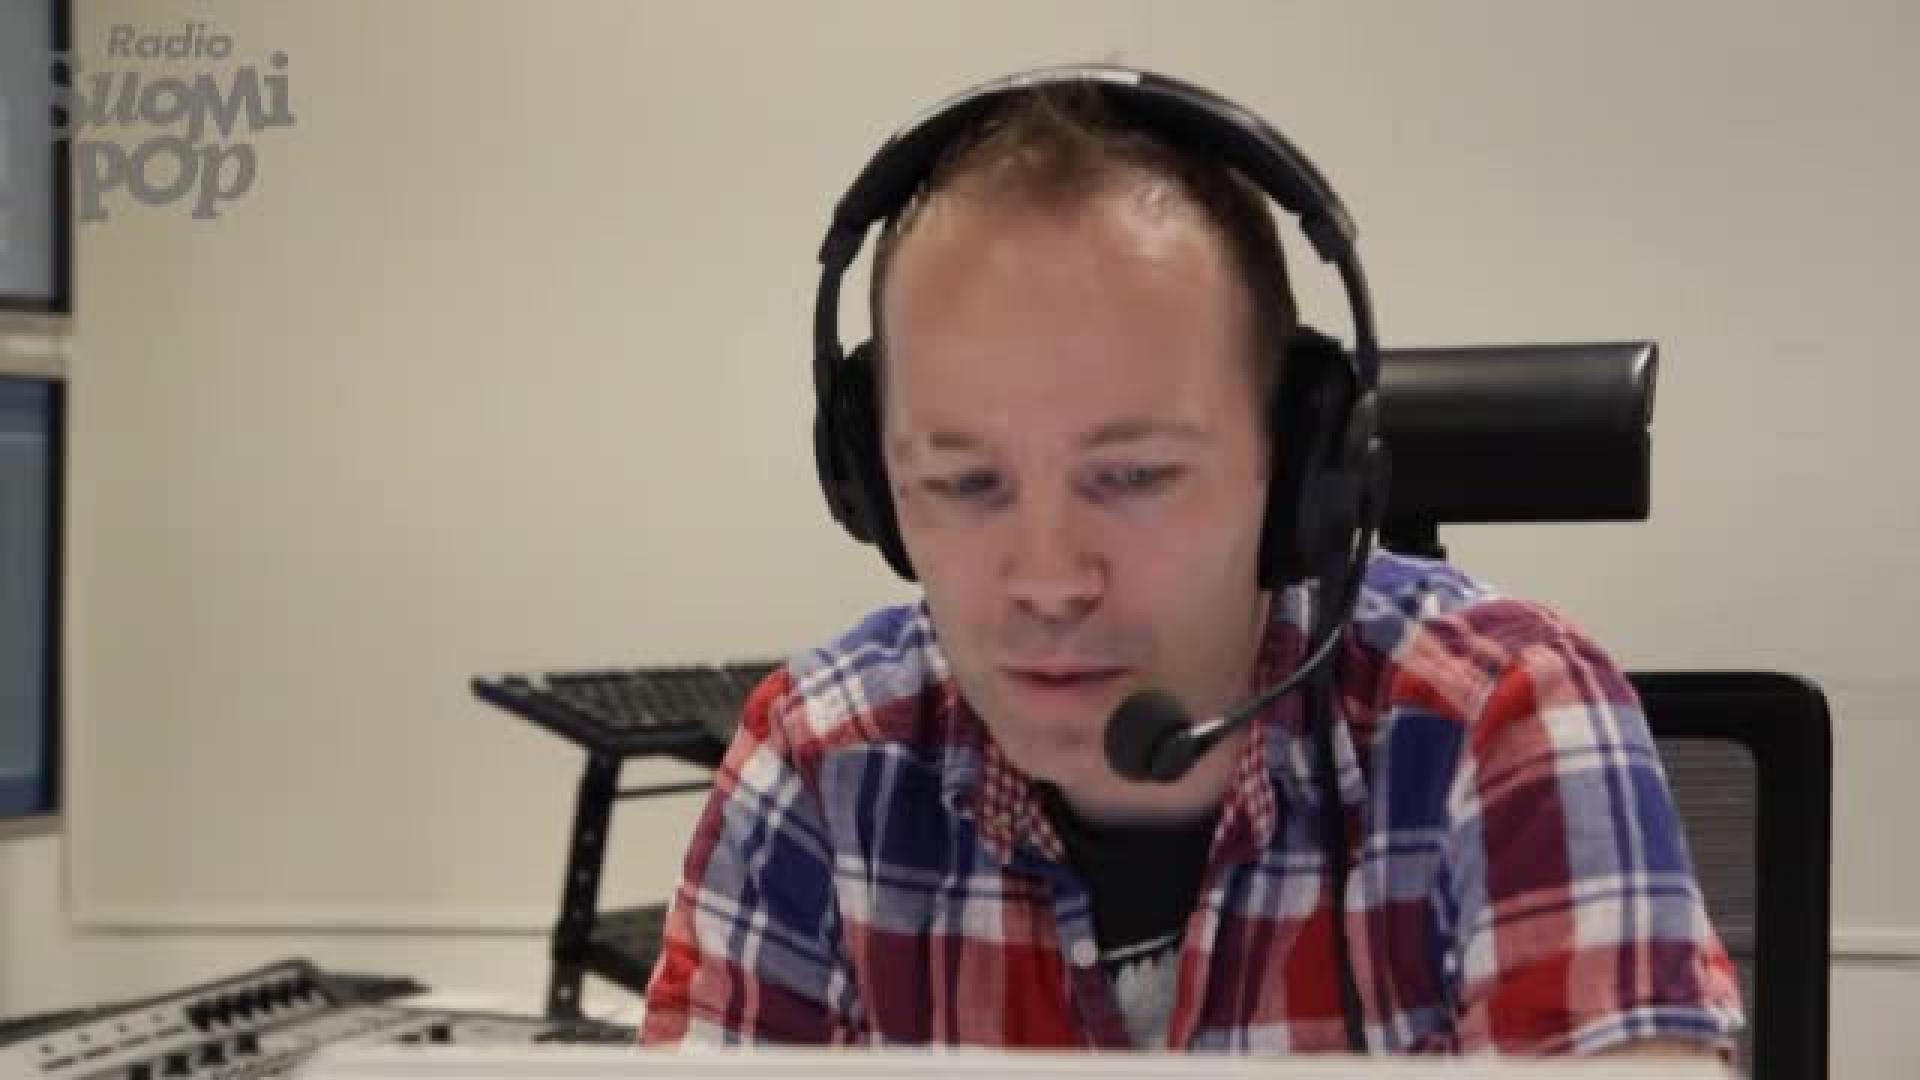 Timo Isomäki